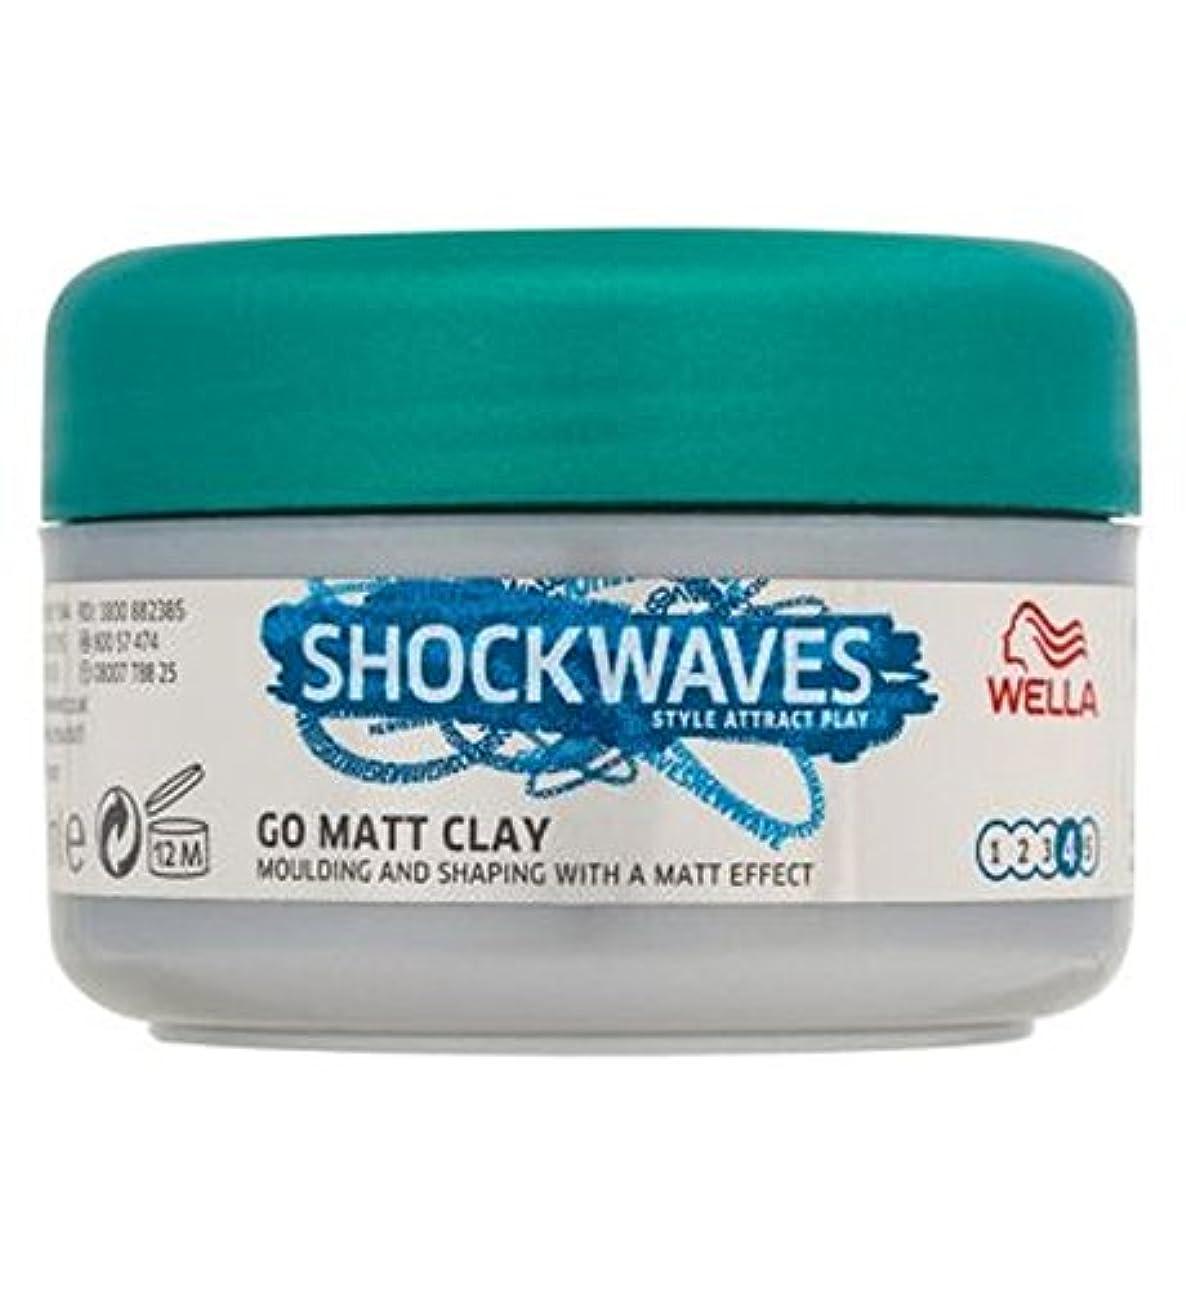 想像するそのような一瞬ウエラの衝撃波の外向性はマット粘土75ミリリットルを行きます (Wella Shockwaves) (x2) - Wella Shockwaves Extrovert Go Matt Clay 75ml (Pack of...